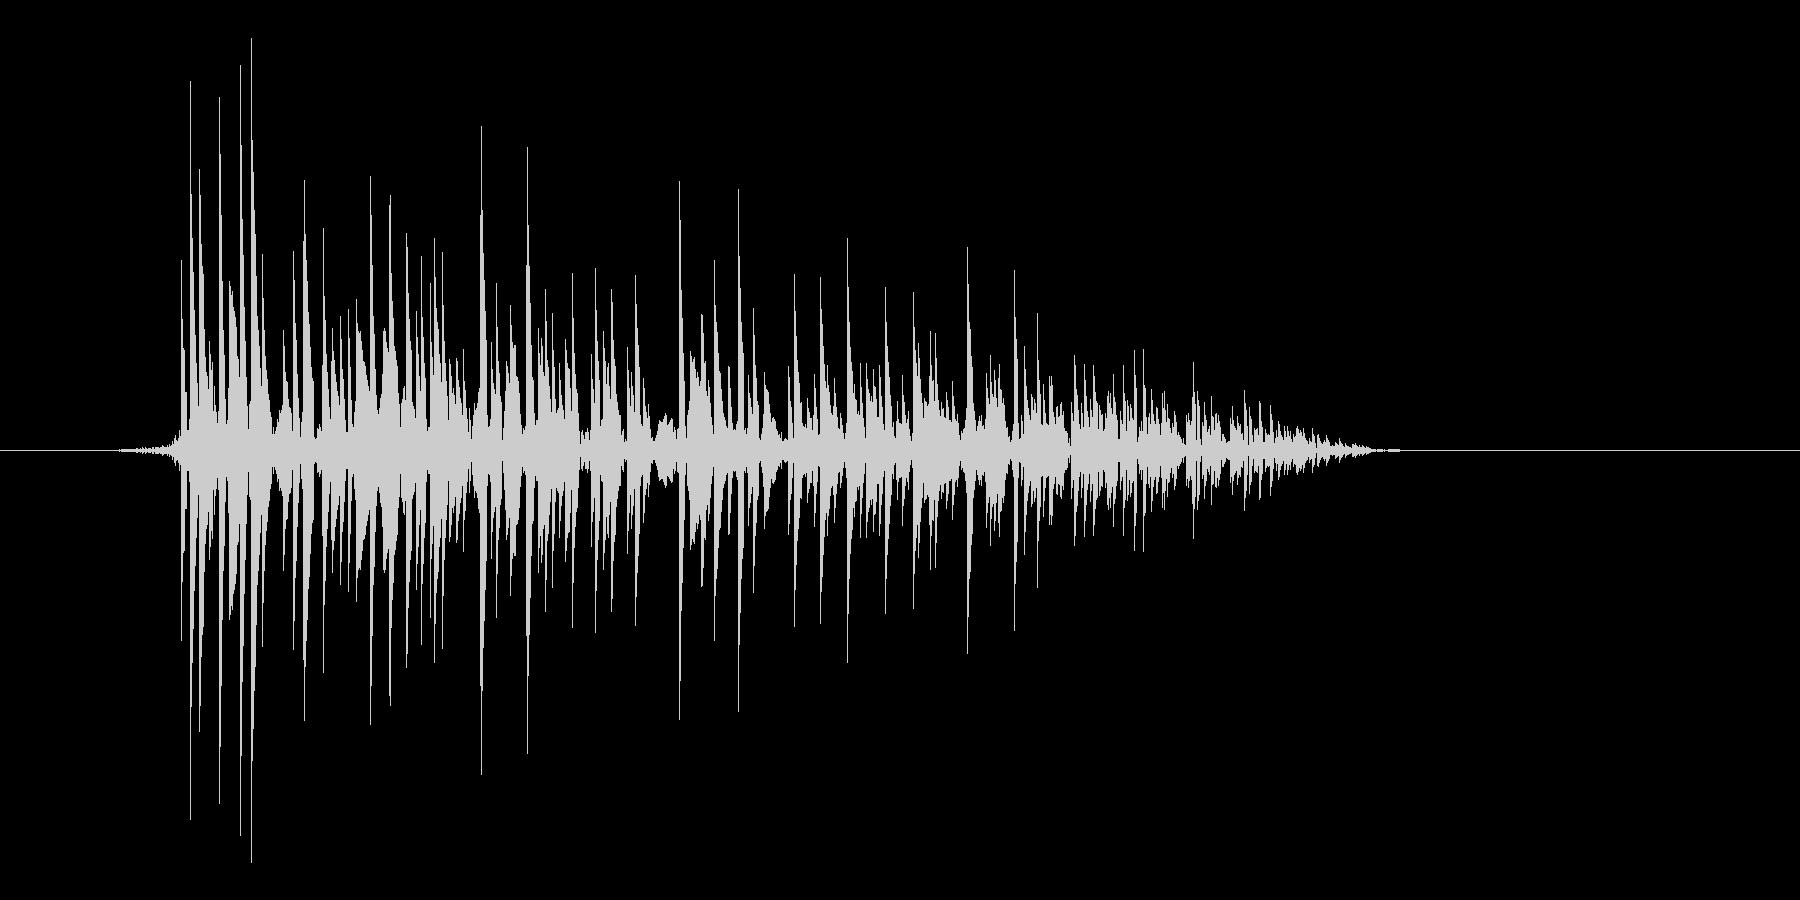 ゲーム(ファミコン風)爆発音_023の未再生の波形